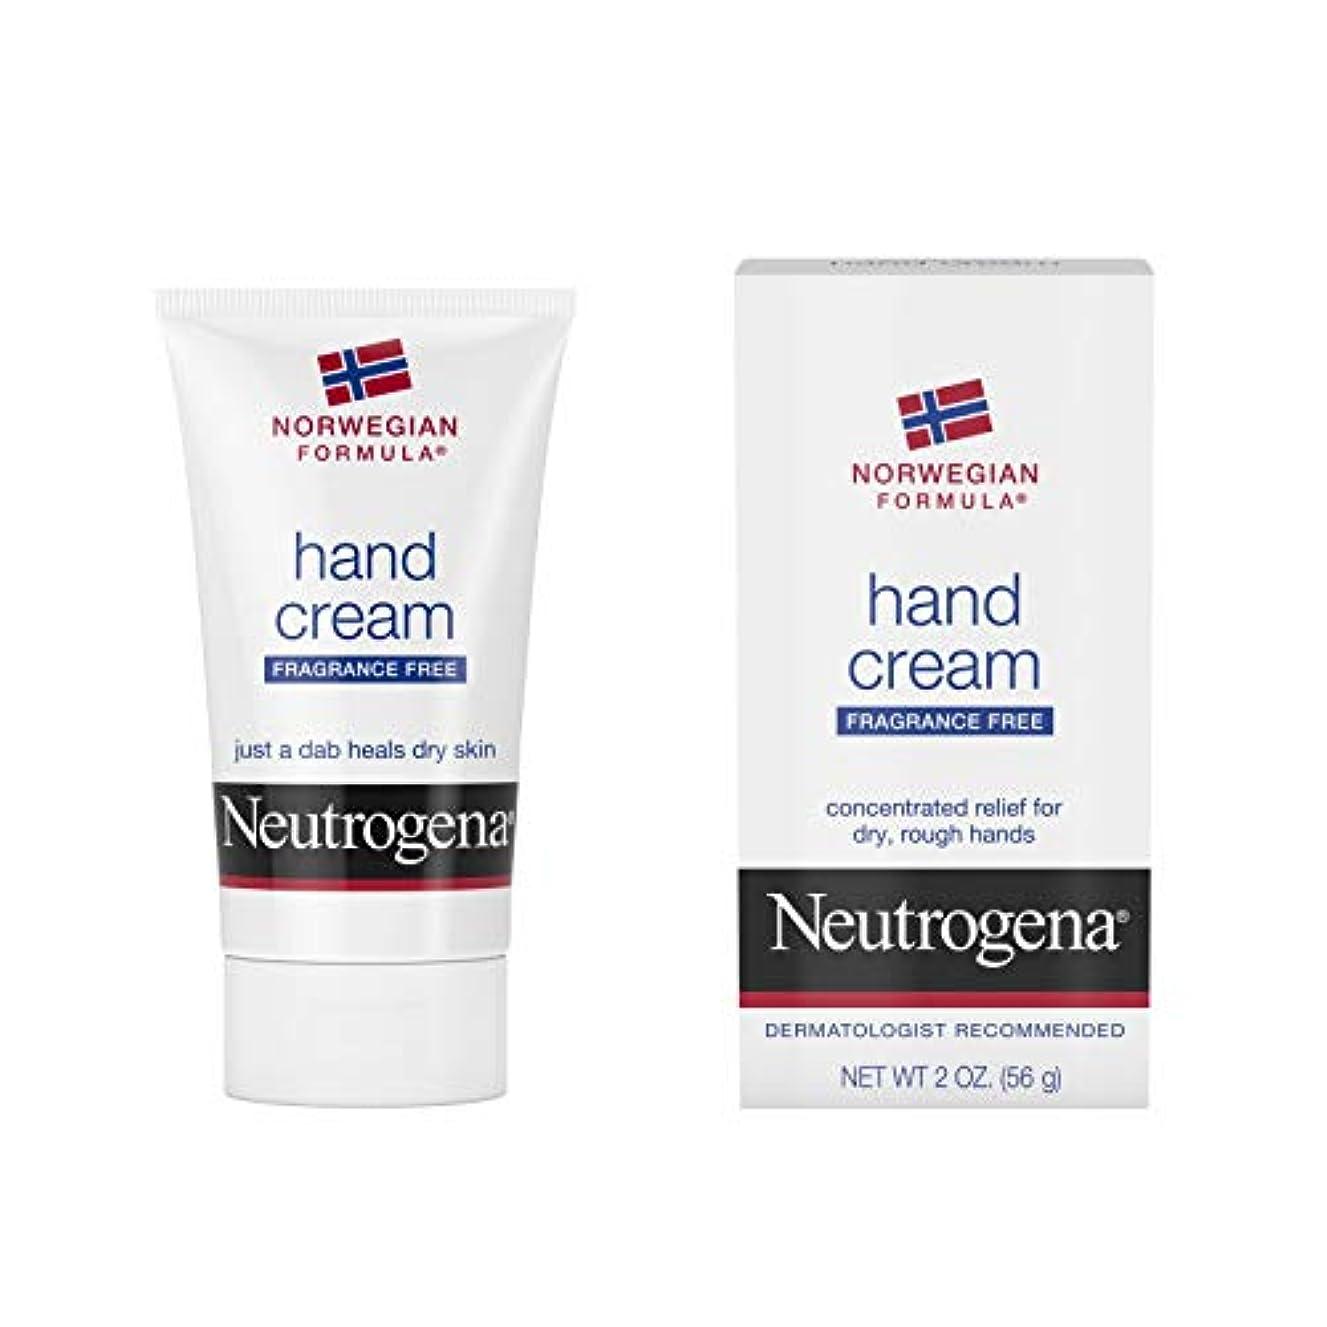 後書き込みパネルNeutrogena Norwegian Formula Hand Cream Fragrance-Free 60 ml (並行輸入品)